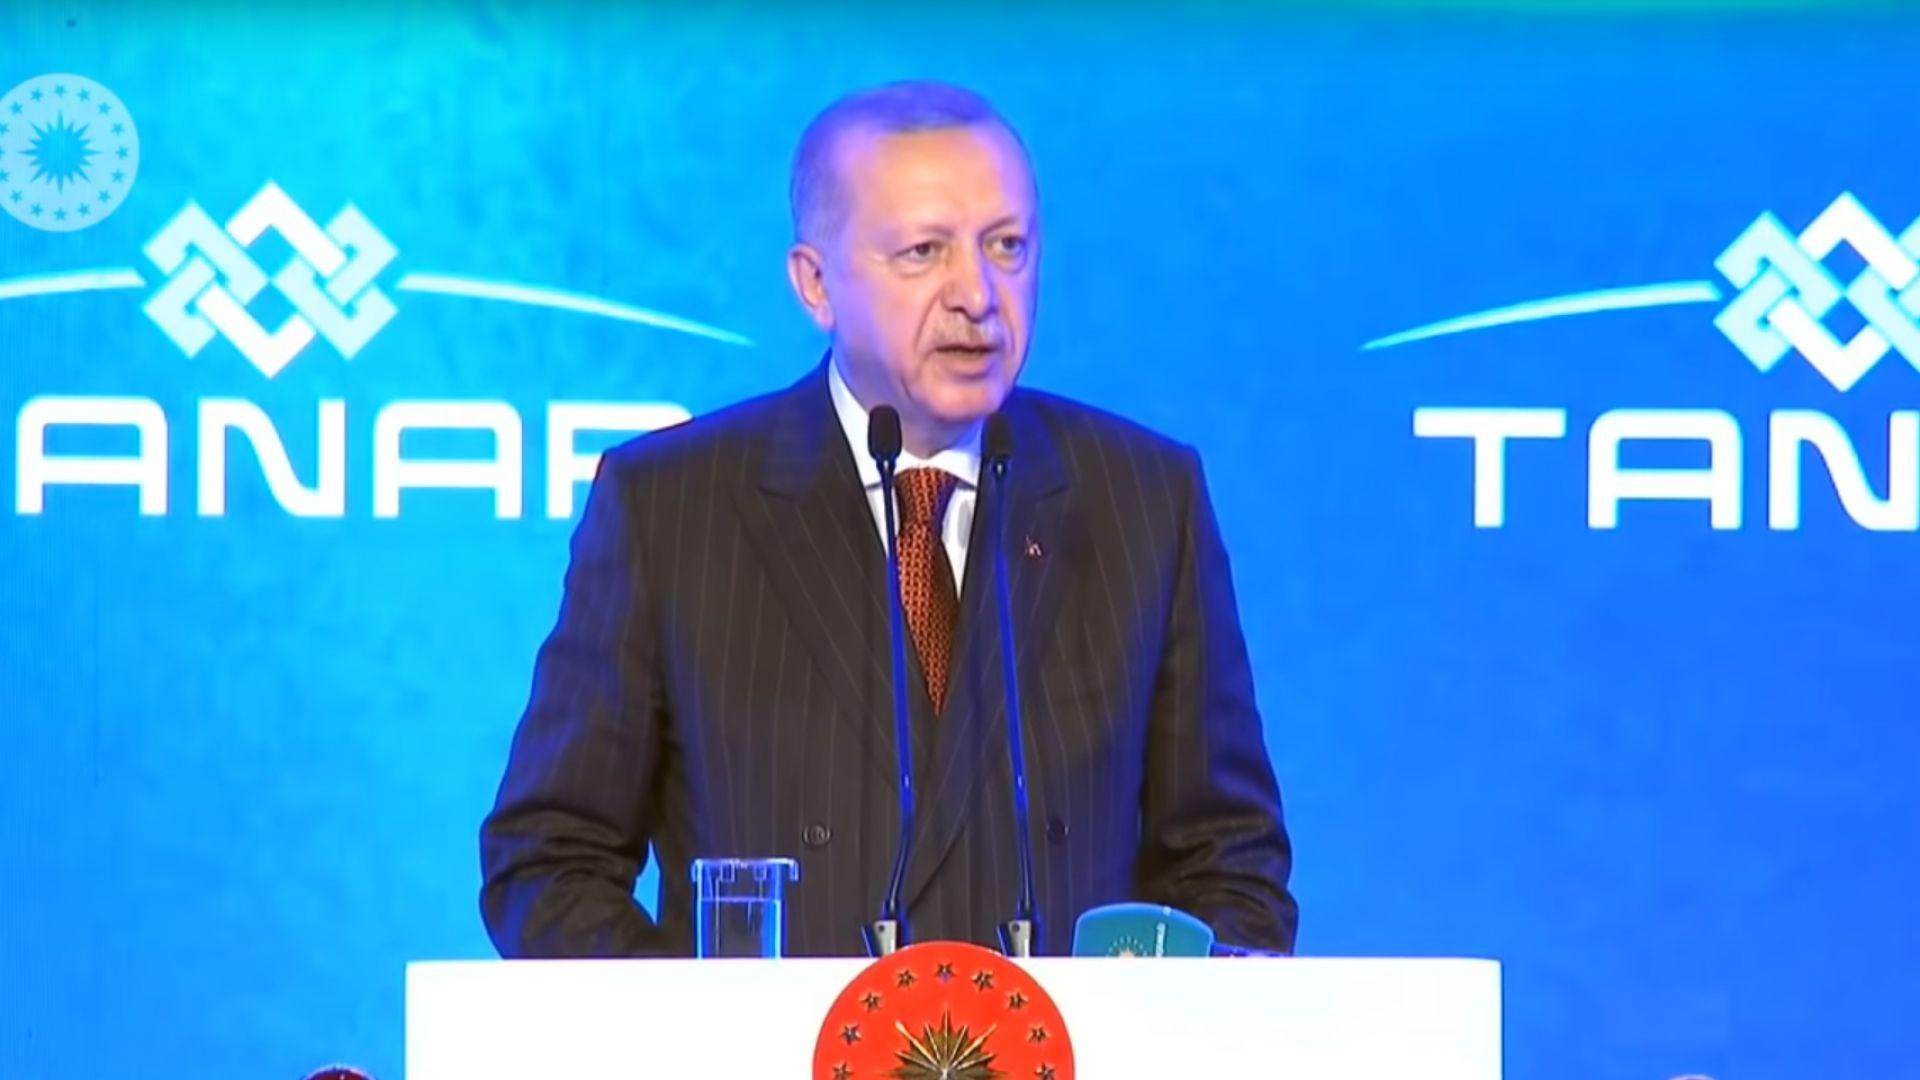 Гръцката делегация напуснала церемонията за газопровода ТАНАП заради изказване на Ердоган